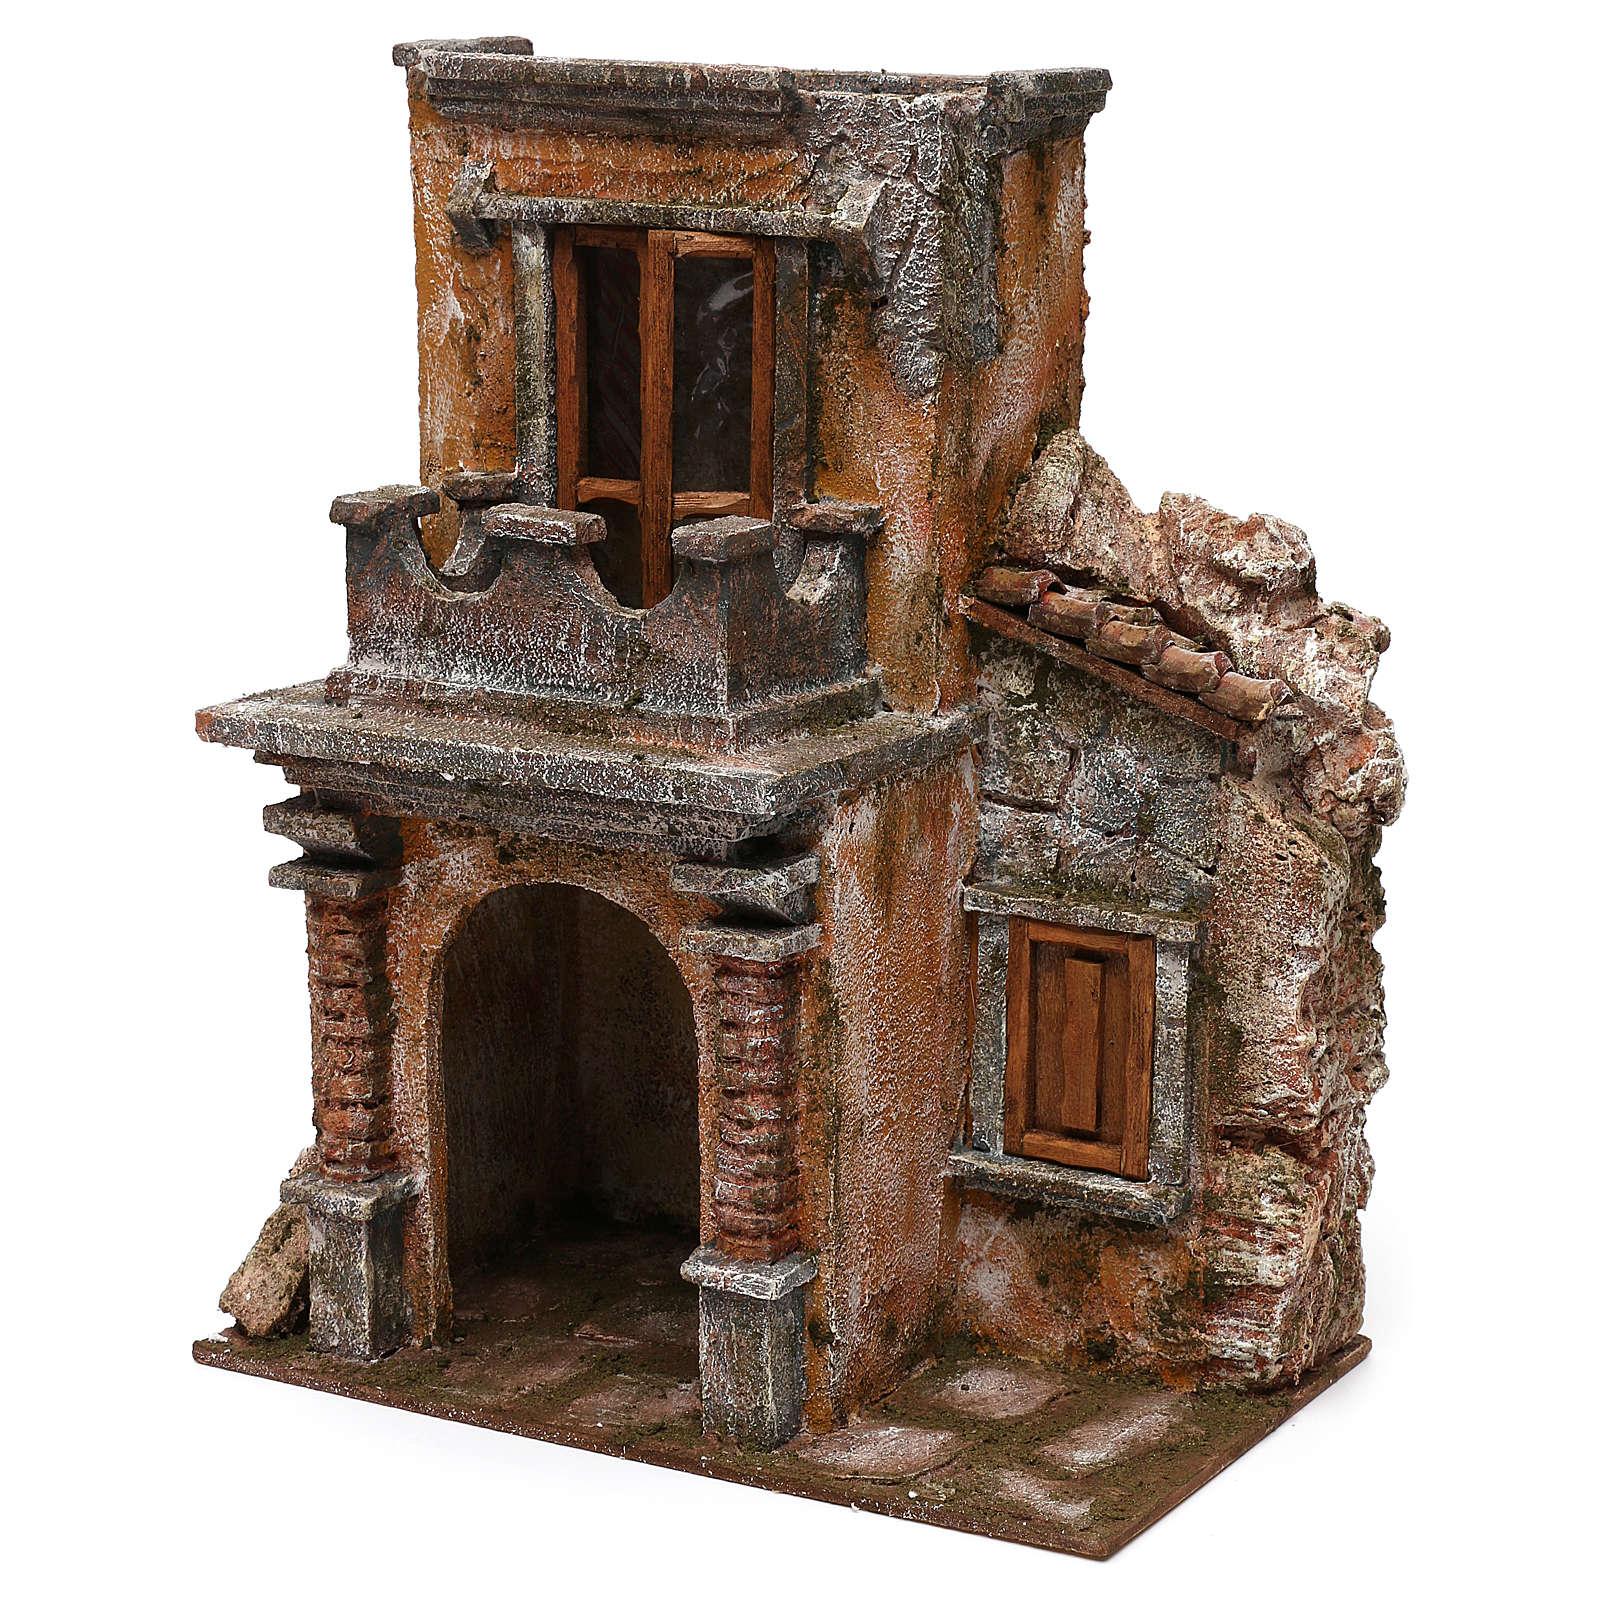 House with balcony for 12 cm Nativity scene, 35x30x20 cm 4